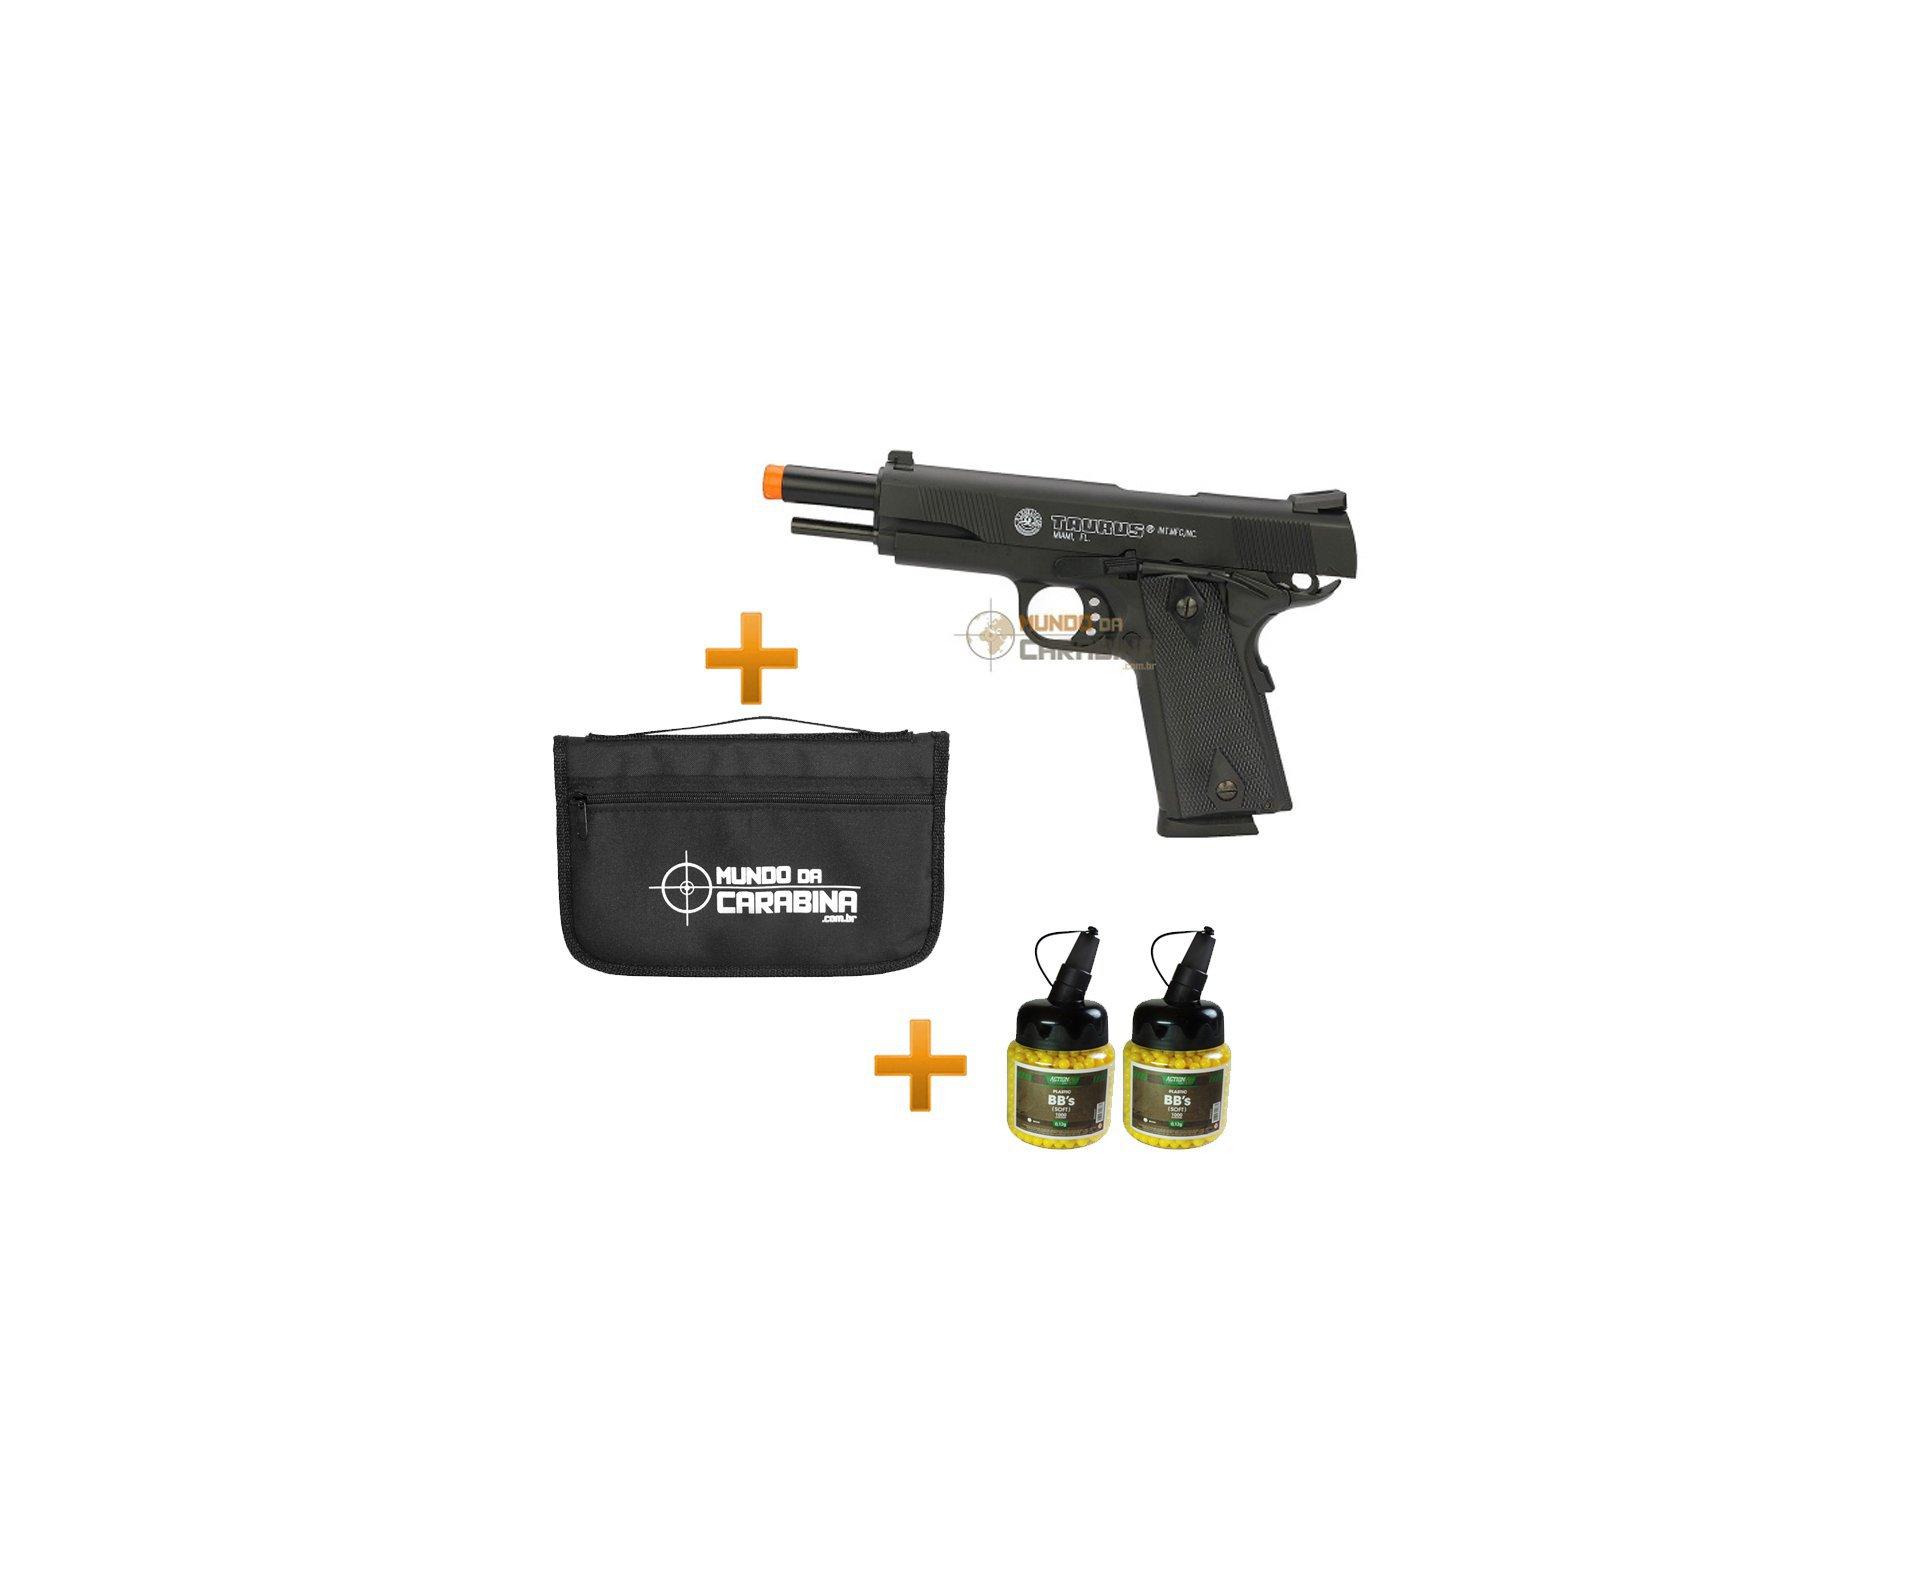 Pistola De Airsoft Taurus Pt 1911 Semi/metal + Capa + Coldre + 2000 Esferas 0,12g - Cybergun